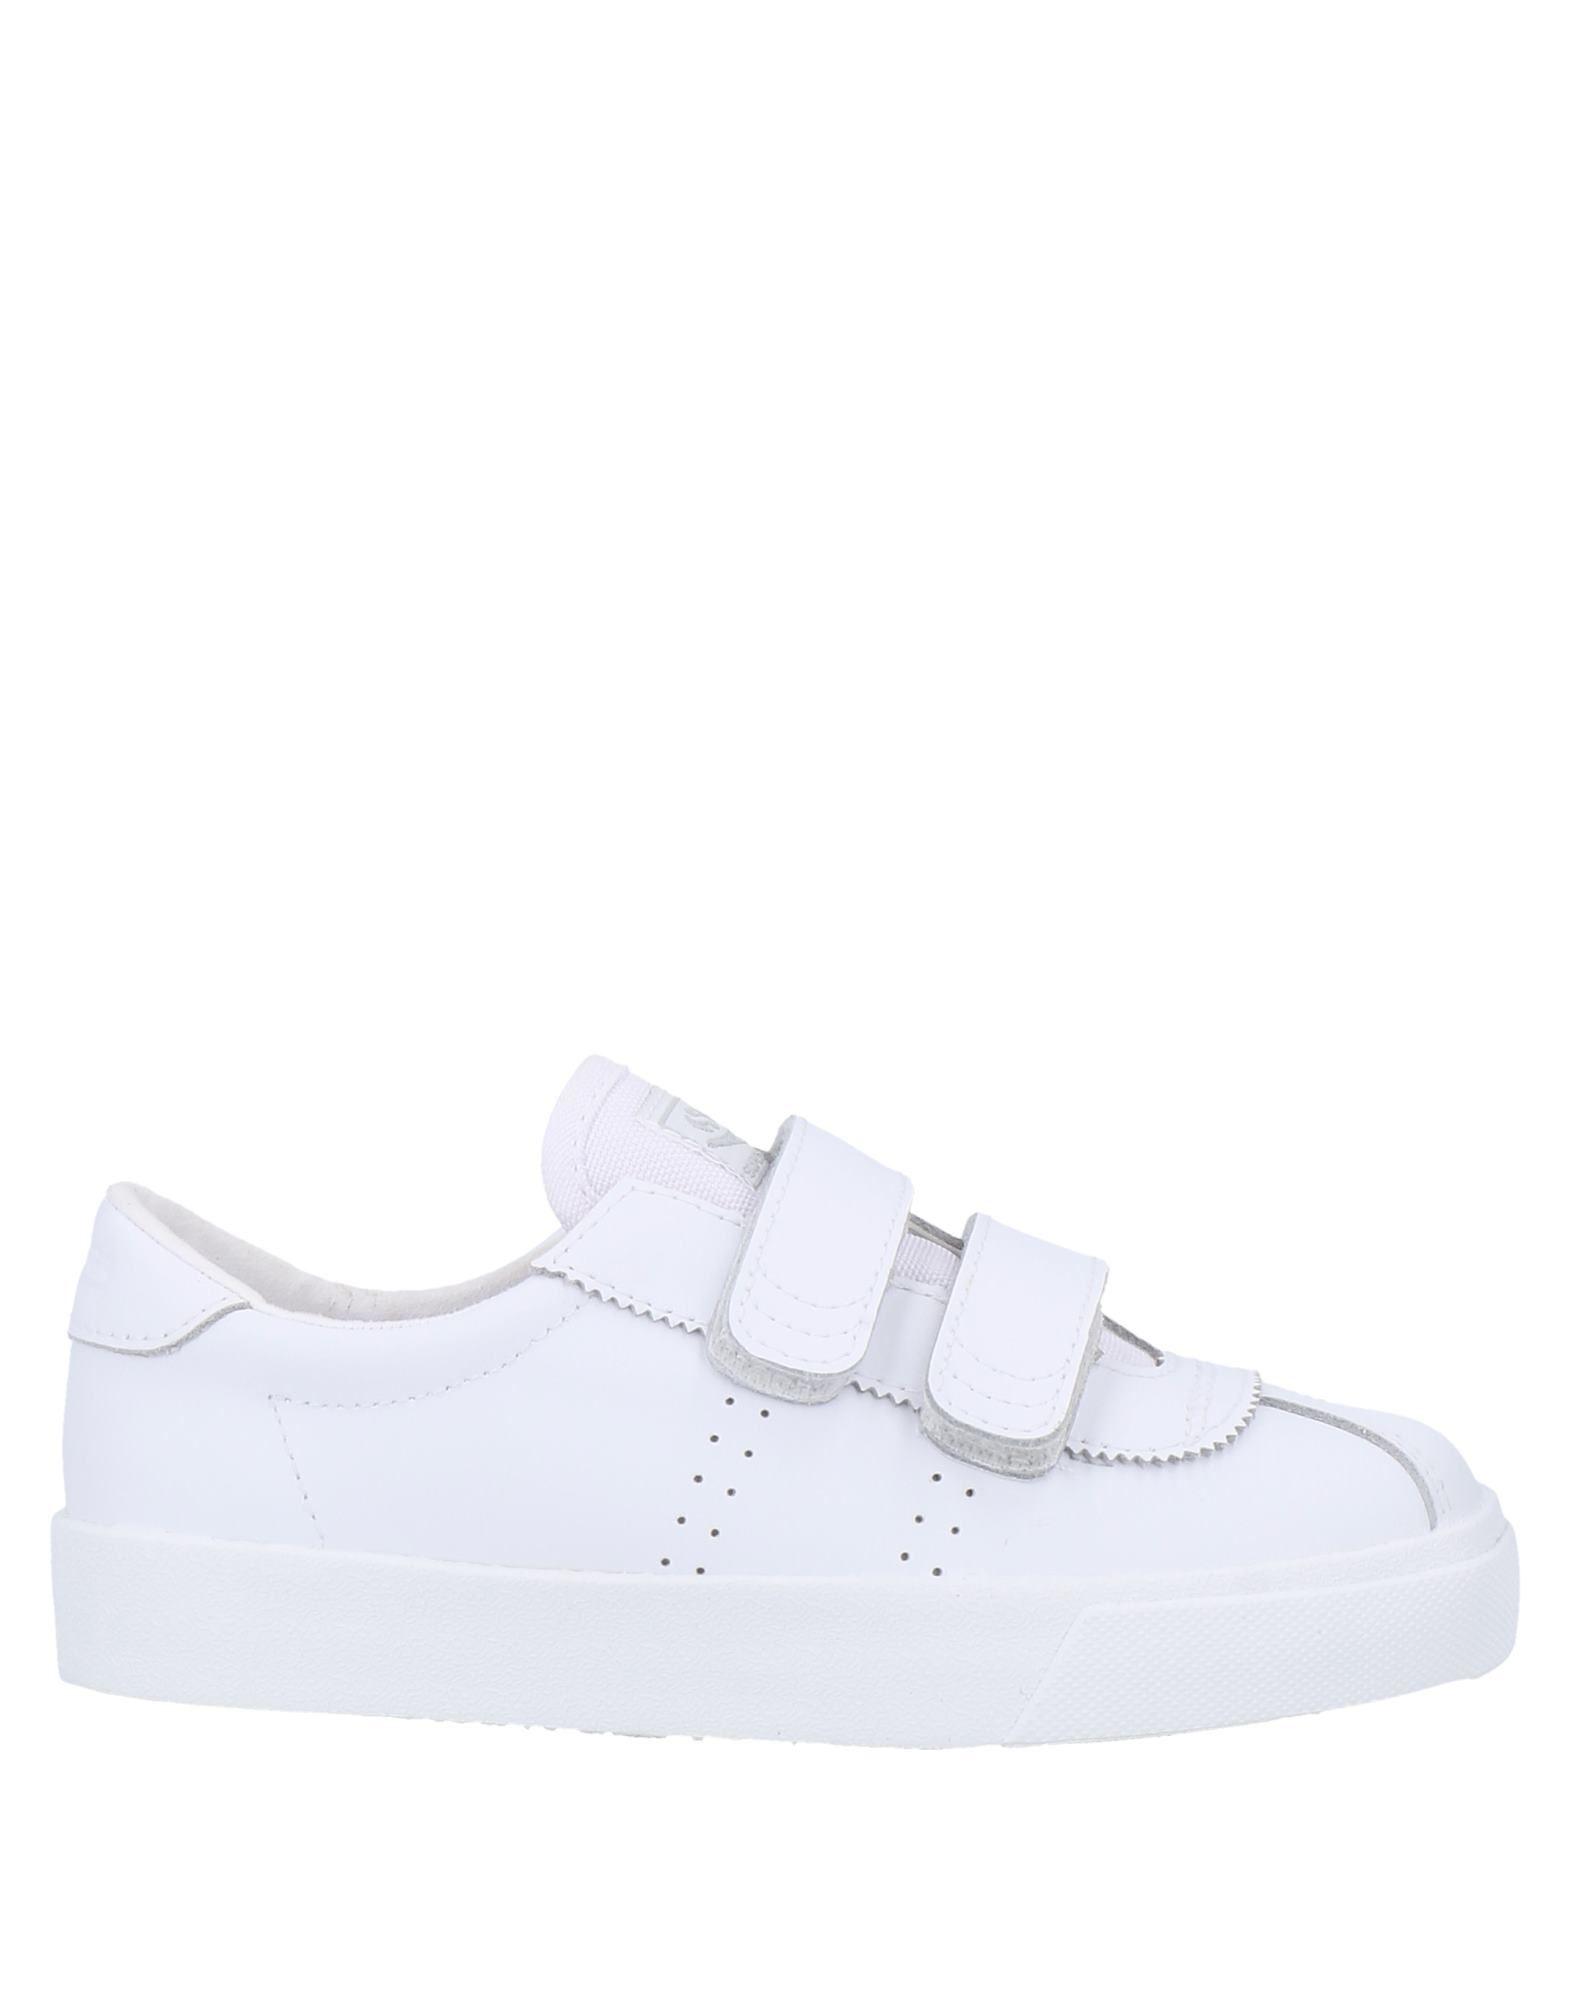 SUPERGA Low-tops & sneakers - Item 11982644